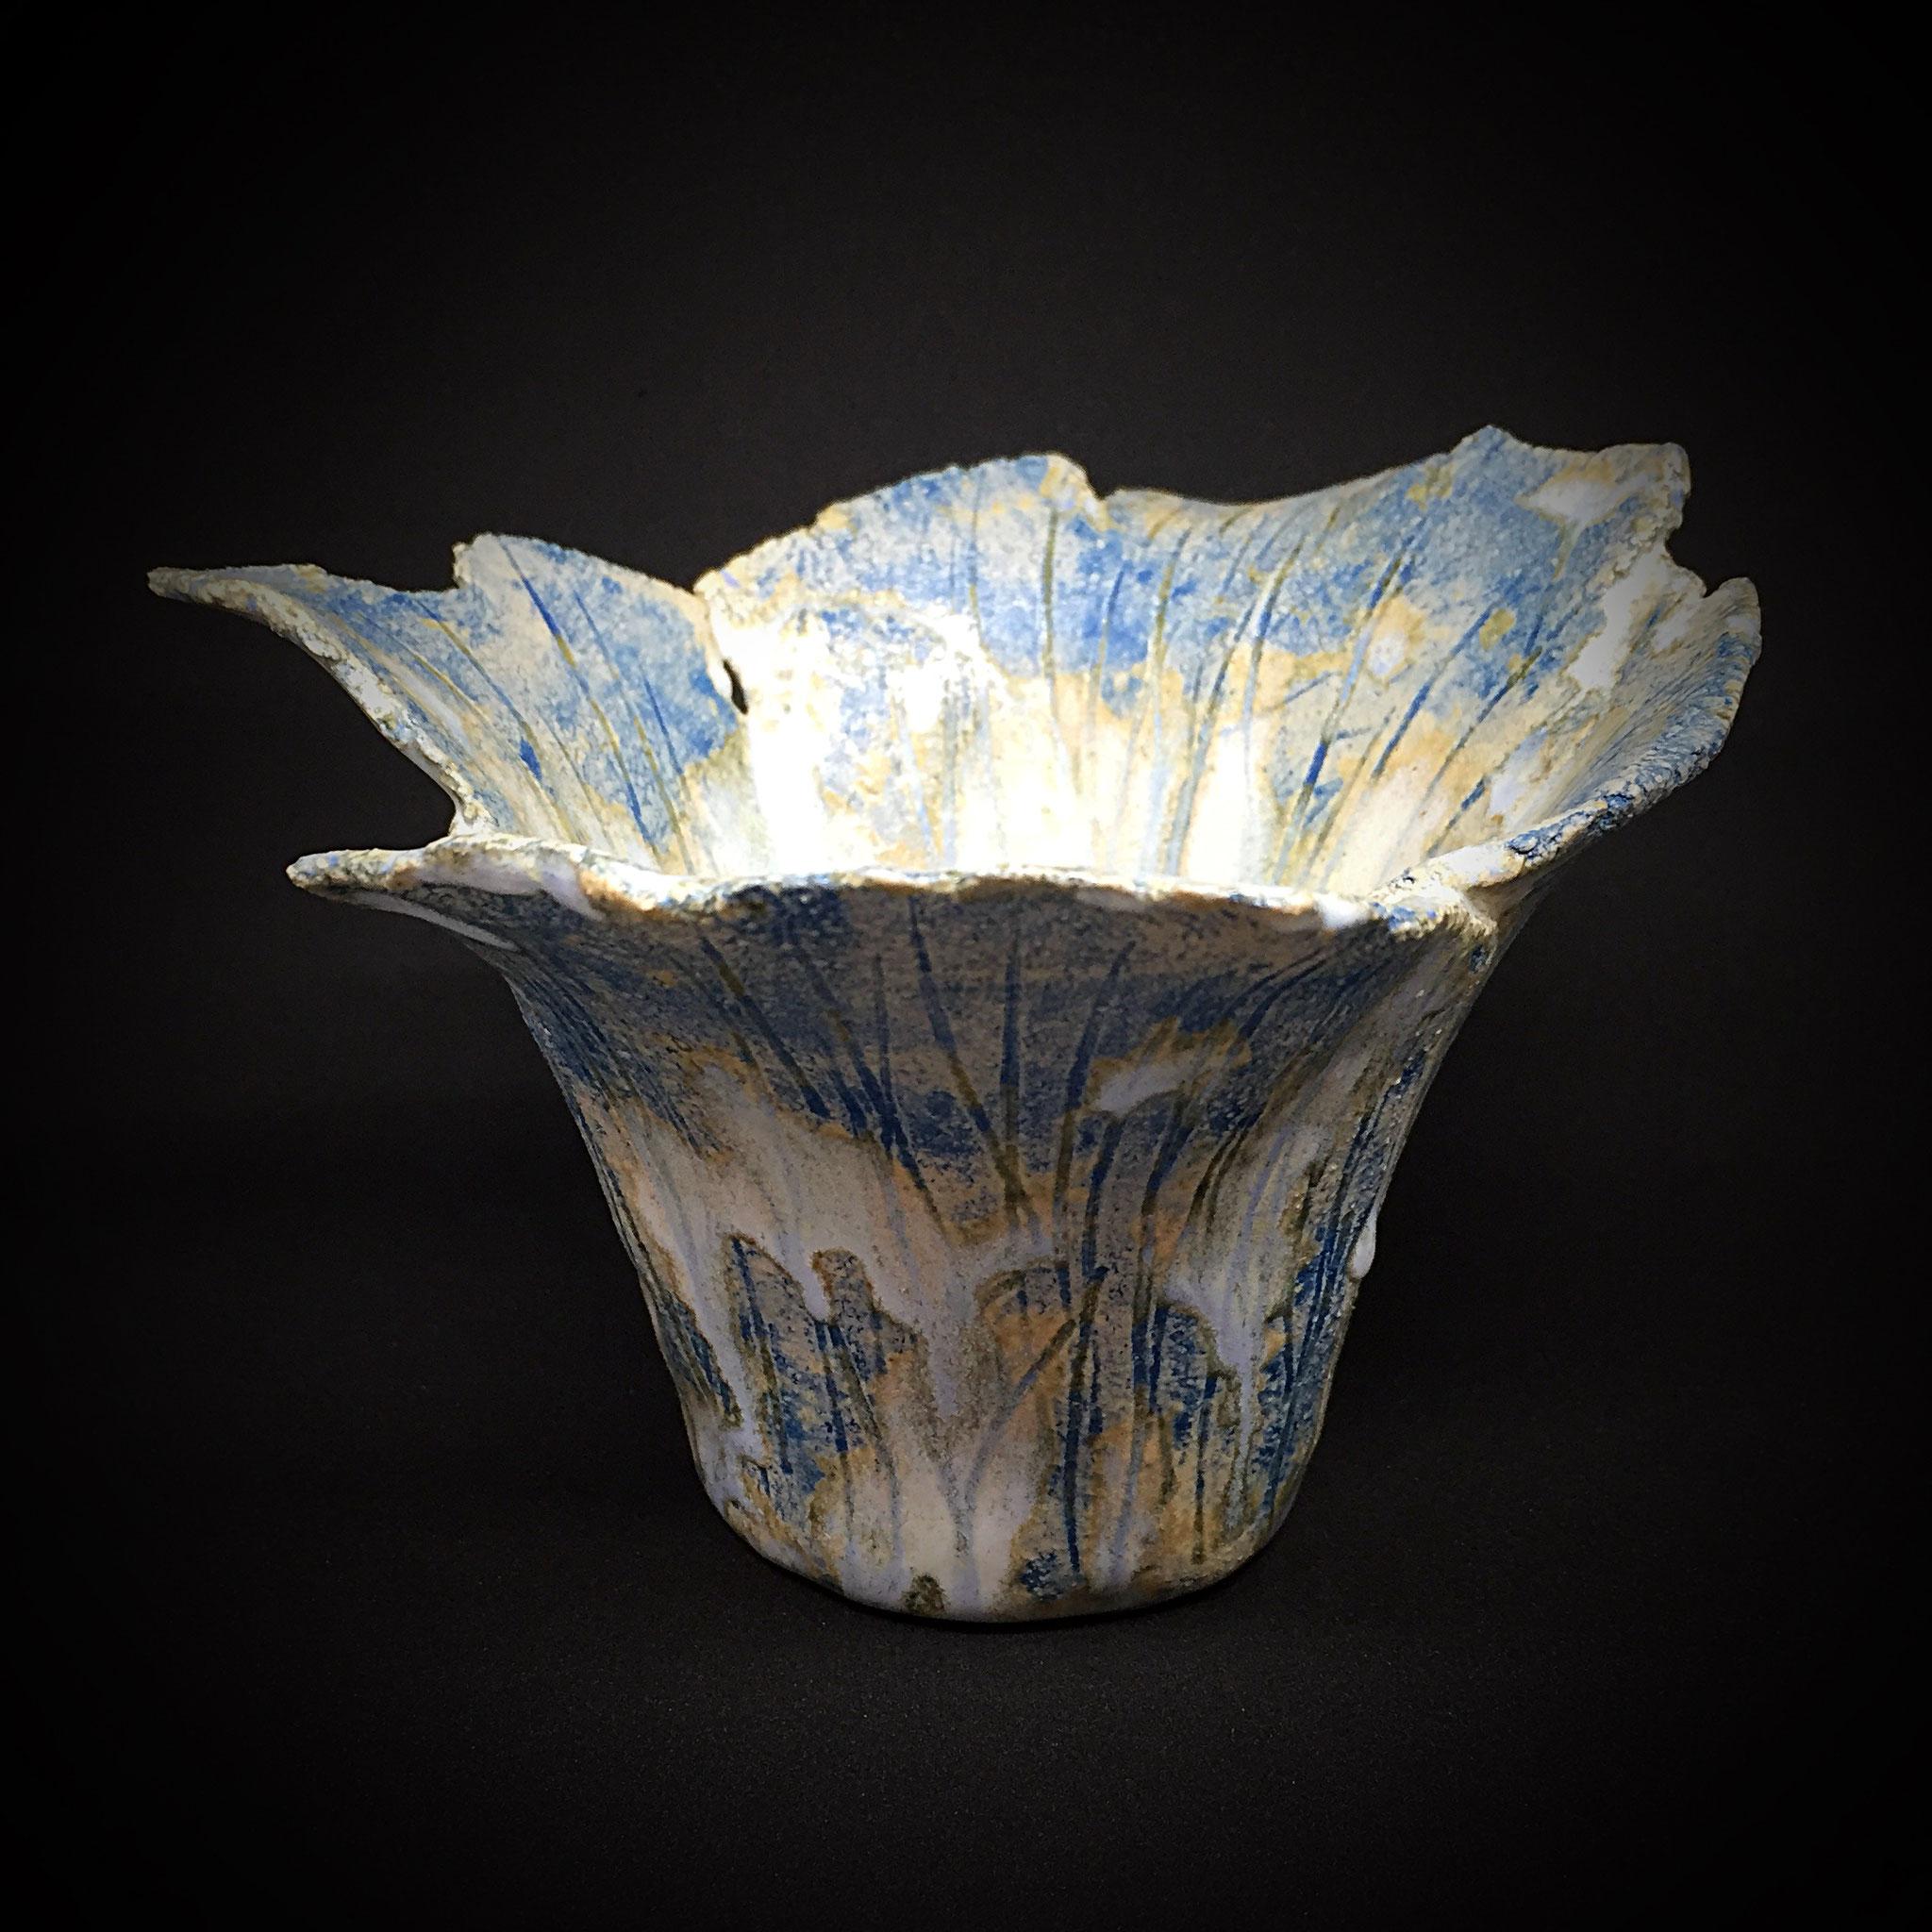 Keramik verbindet Erde und Feuer zu Gegenständen von bleibender Freude